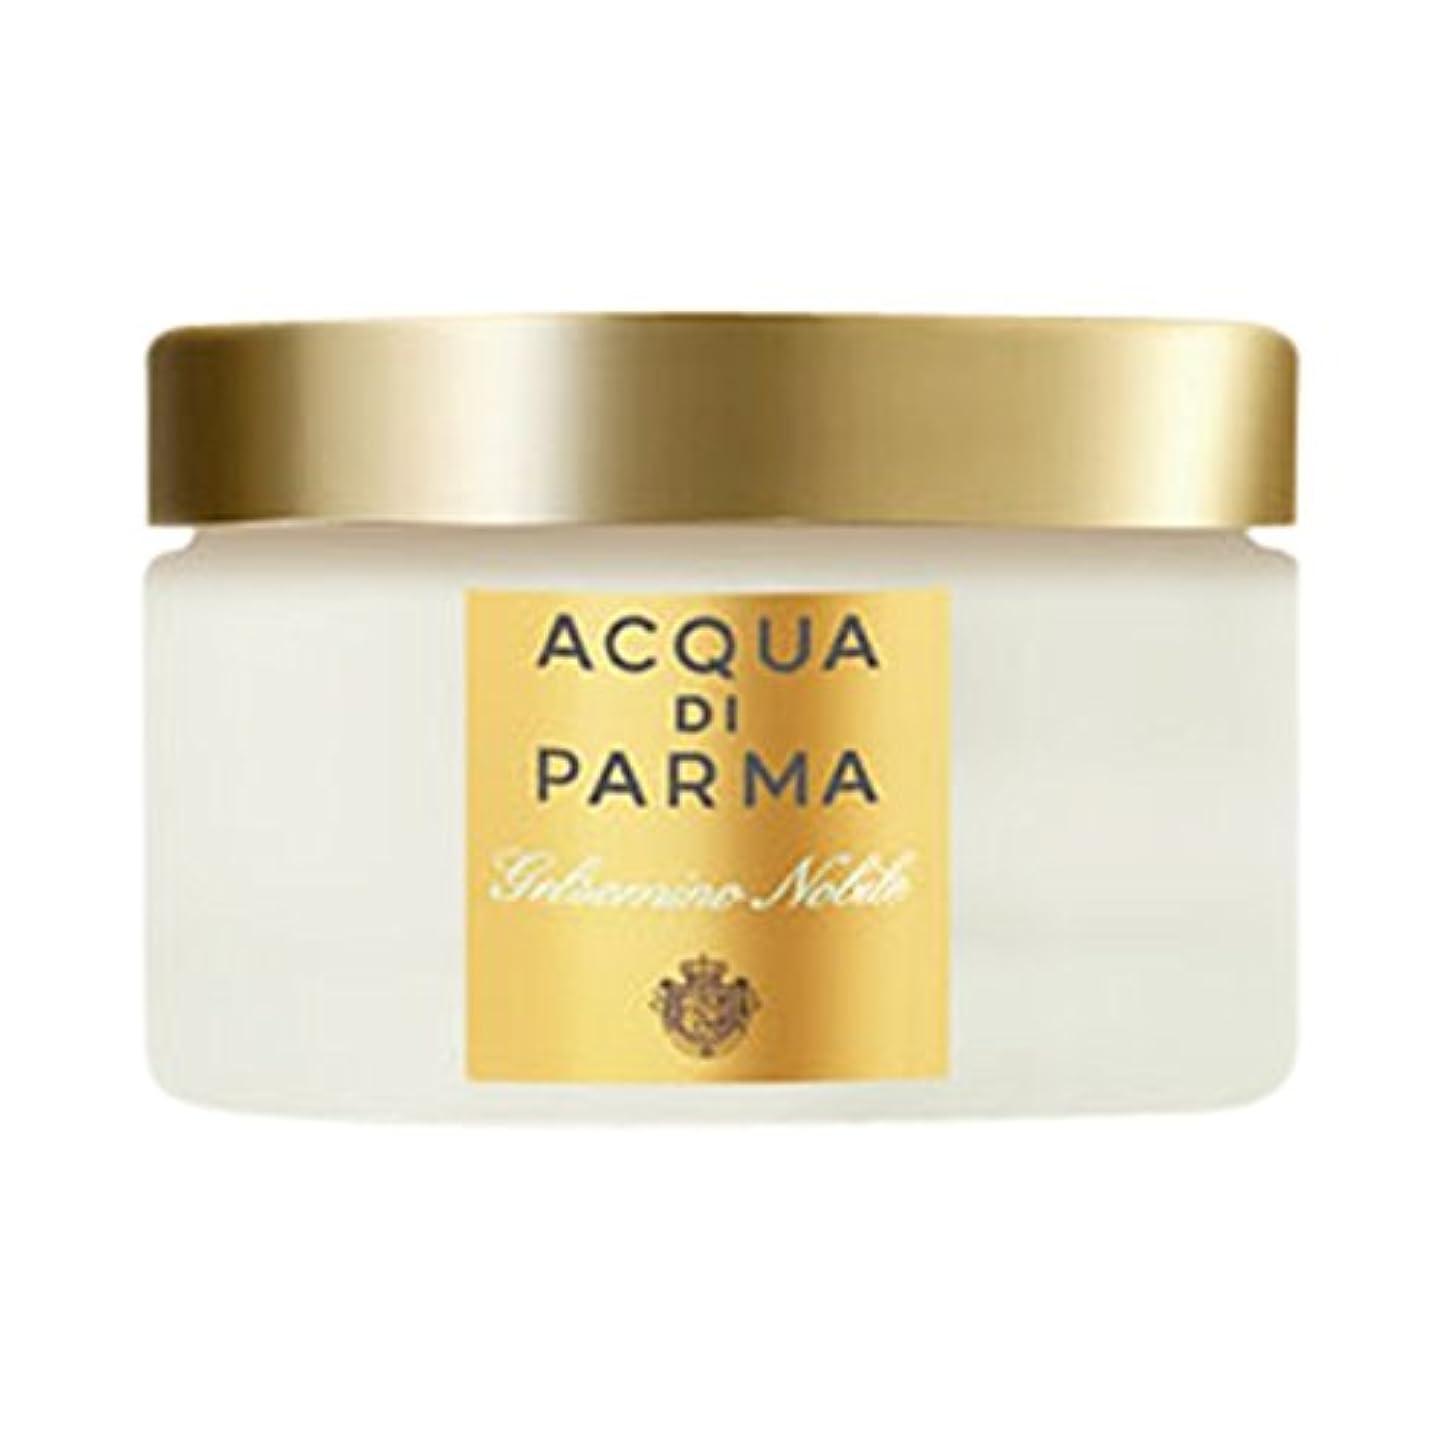 レイアウトコミュニケーション頂点アクア?ディ?パルマGelsominoノビルボディクリーム150ミリリットル (Acqua di Parma) - Acqua di Parma Gelsomino Nobile Body Cream 150ml [並行輸入品]